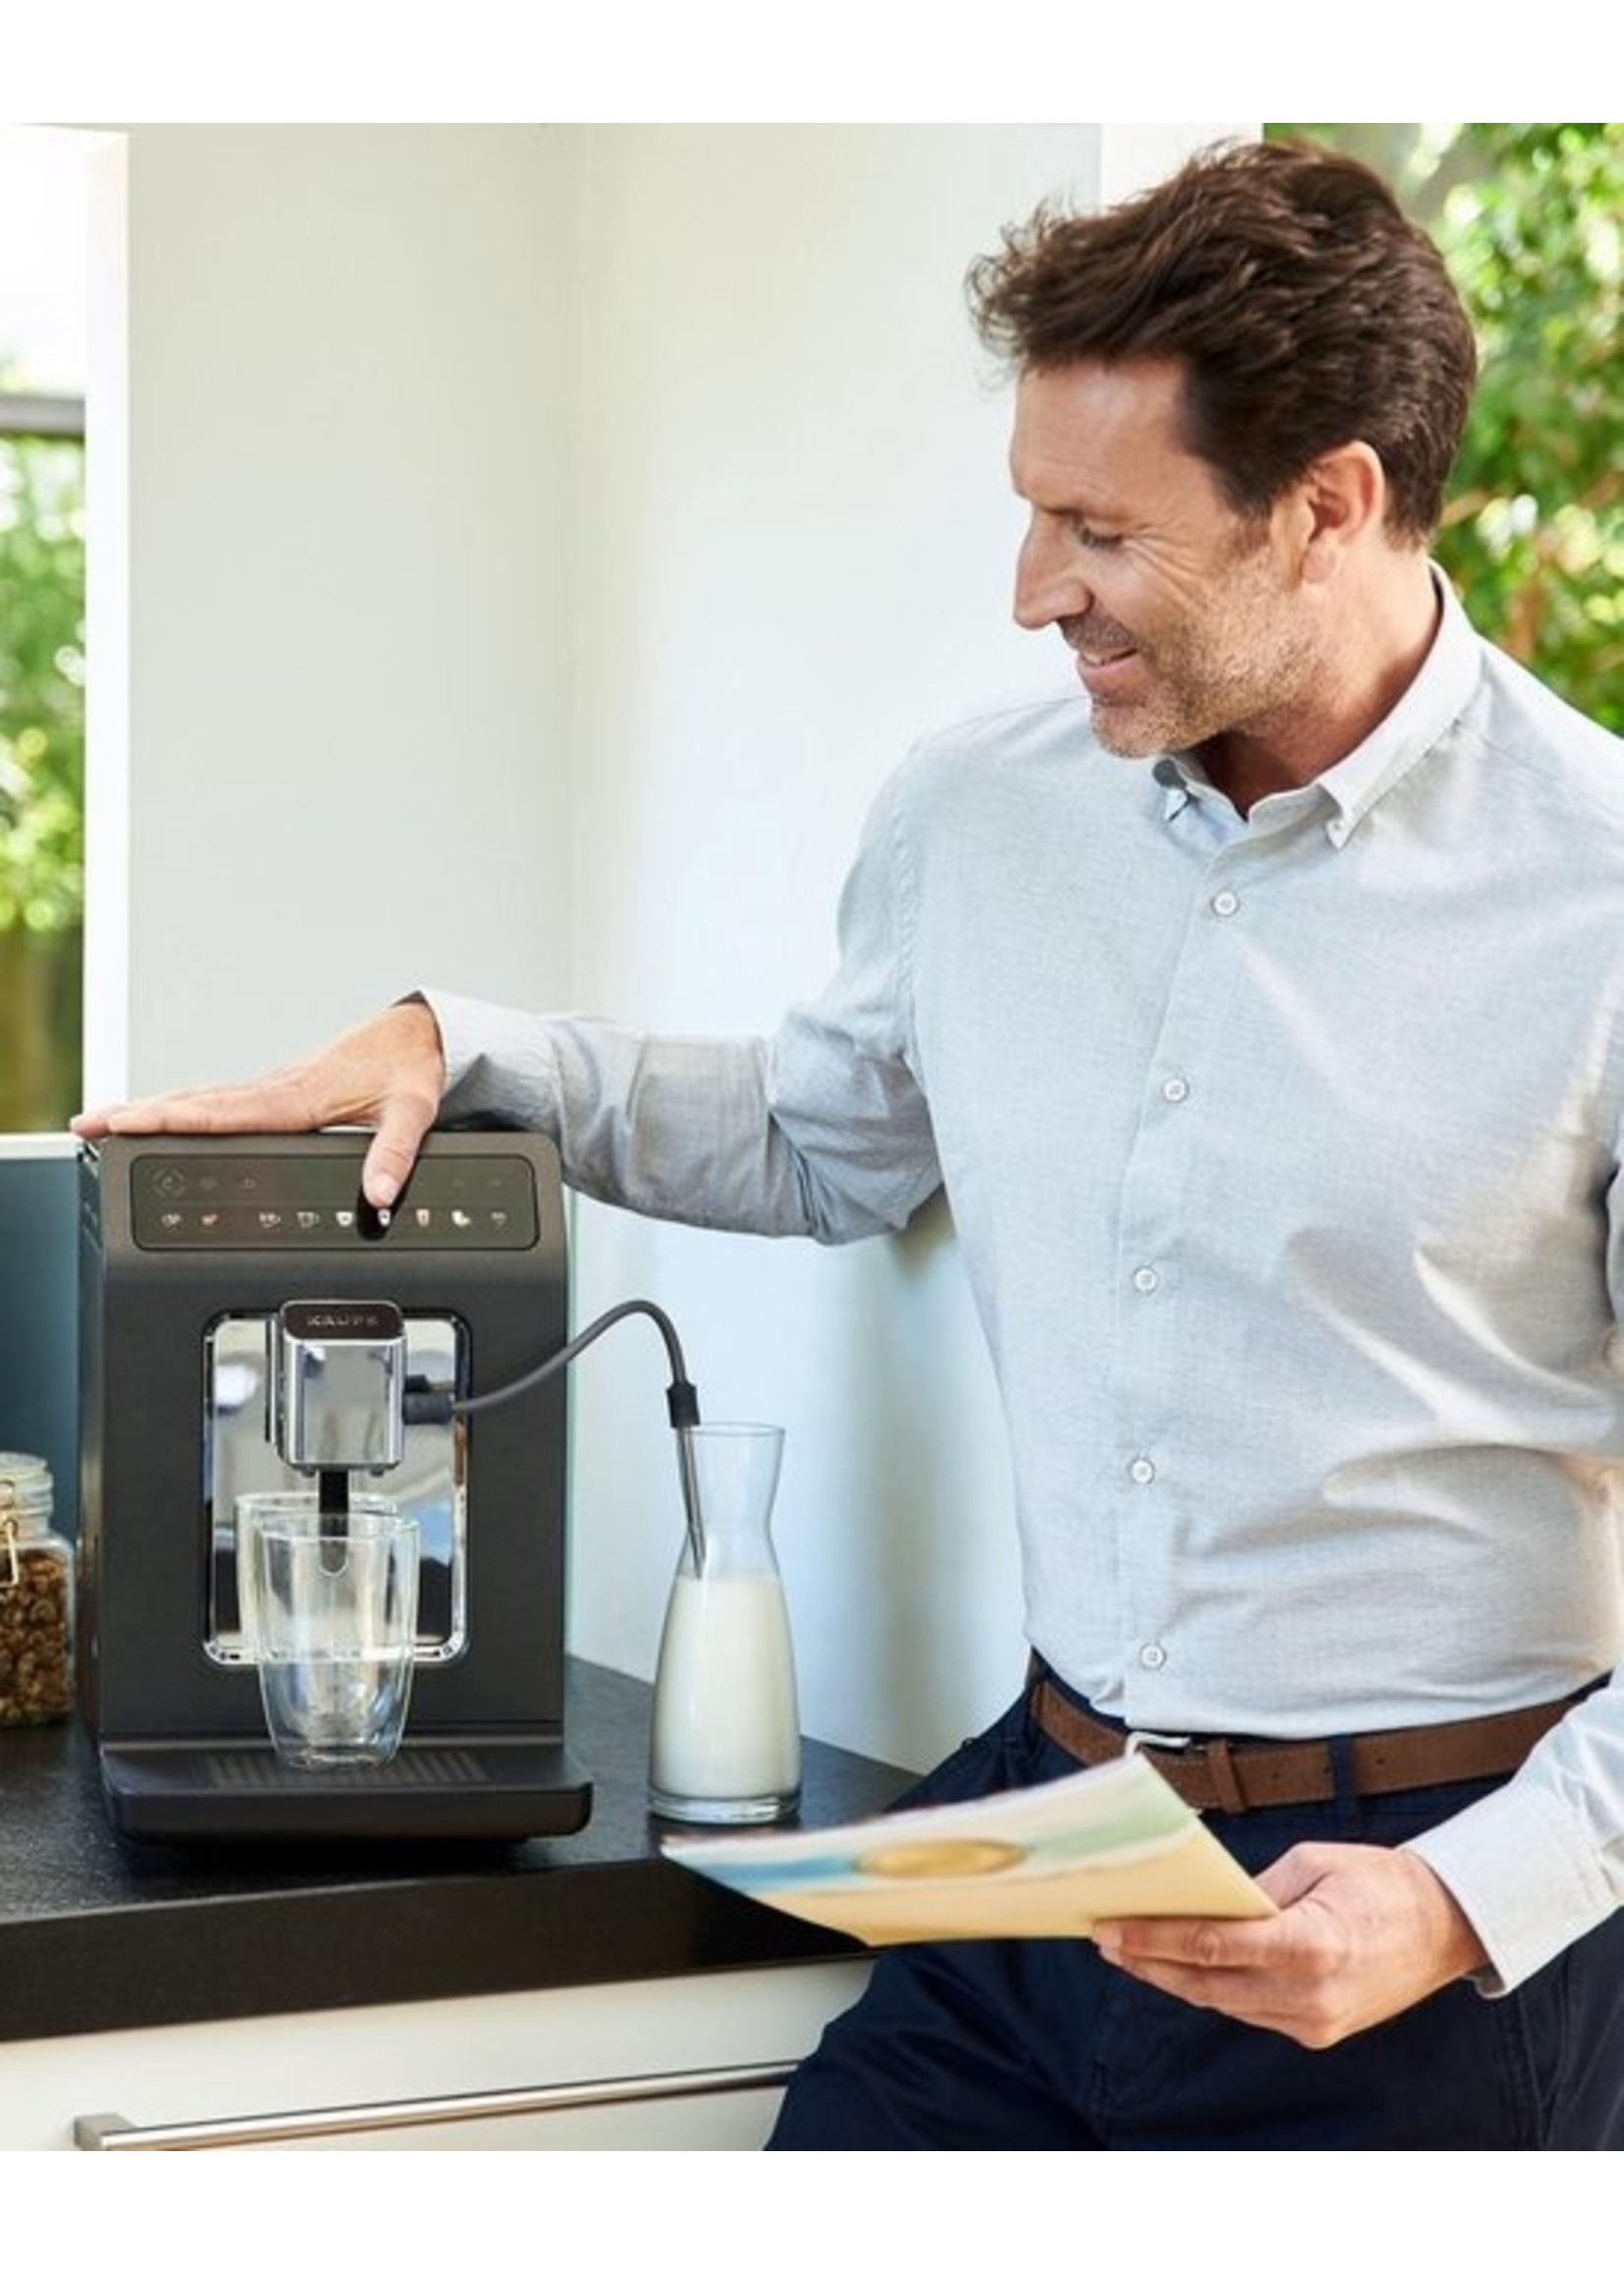 Krups Krups Evidence One EA895N - Volautomatische espressomachine - Zwart